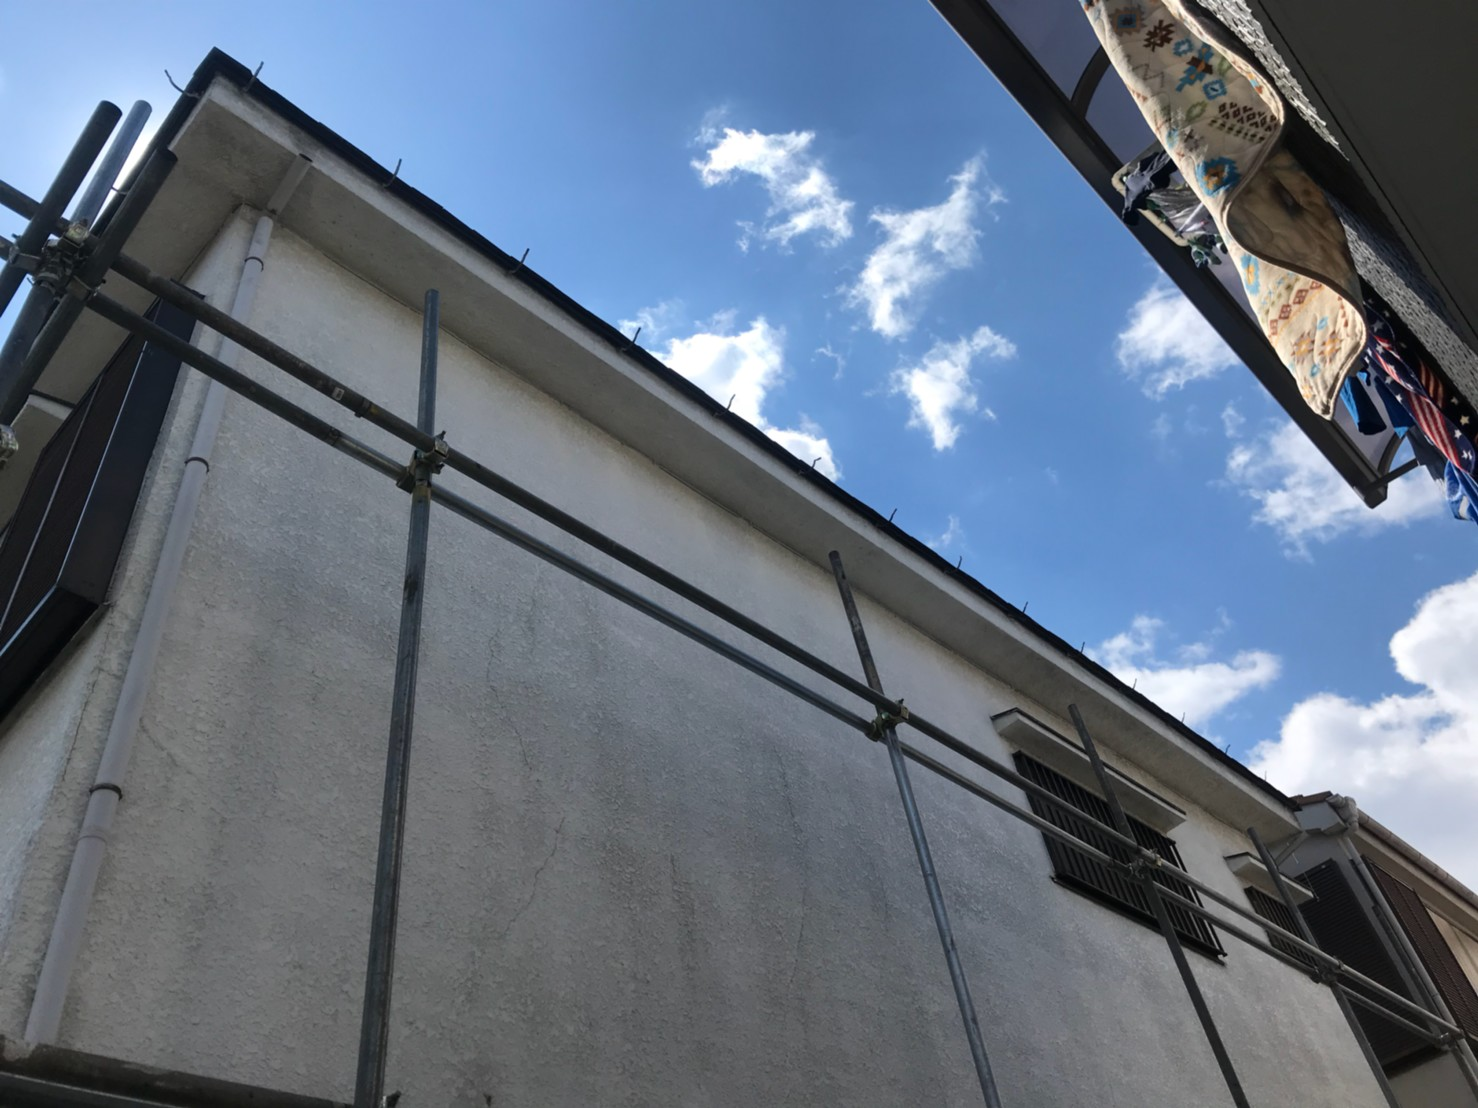 東京都葛飾区で火災保険申請による雨樋無料交換3